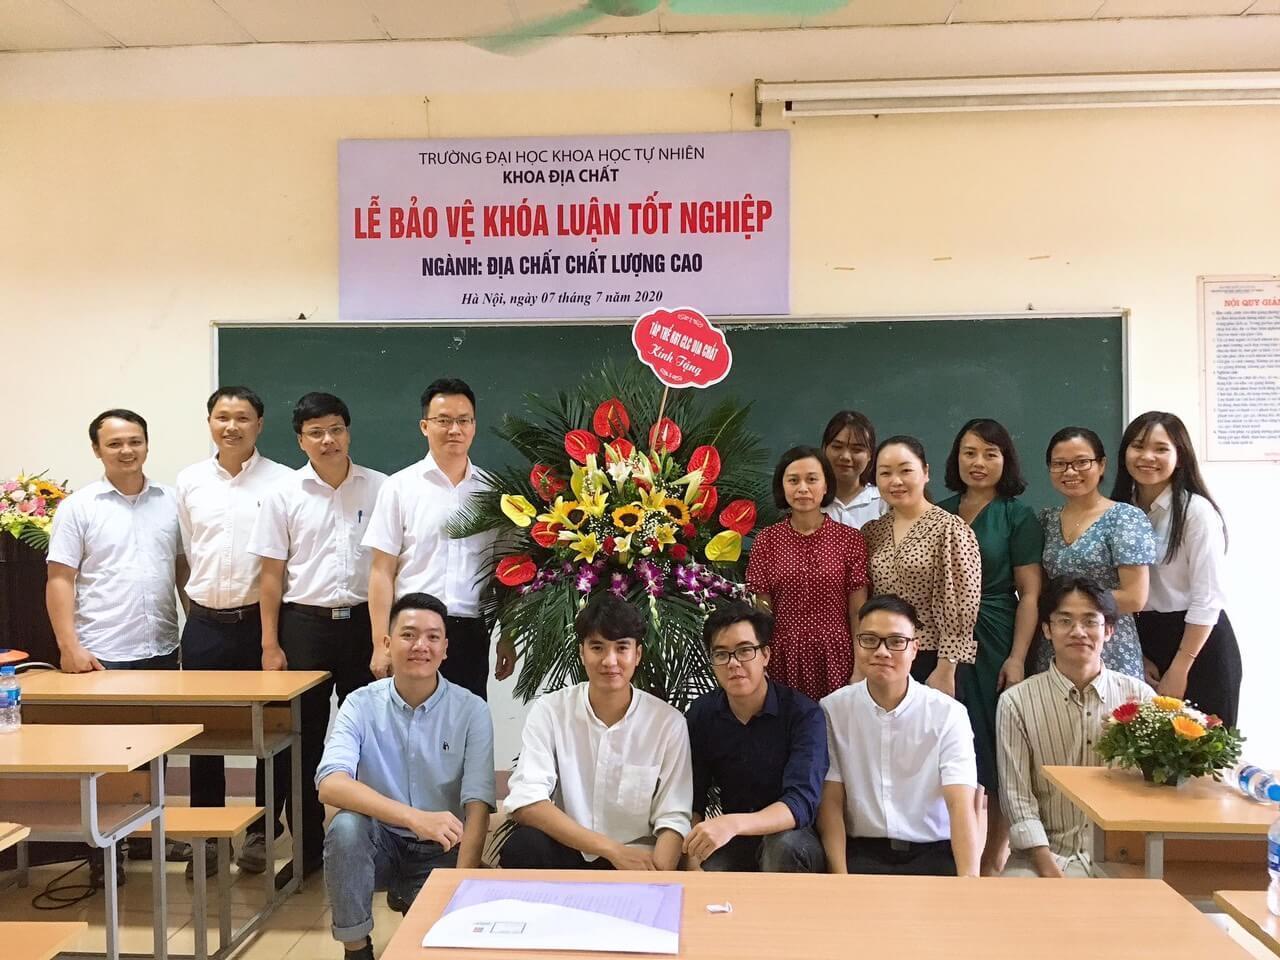 [PHOTO] Lễ bảo vệ Khóa luận tốt nghiệp cho sinh viên khóa K61 CLC Địa chất, K61 Kỹ thuật Địa chất, K61 QLTNMT